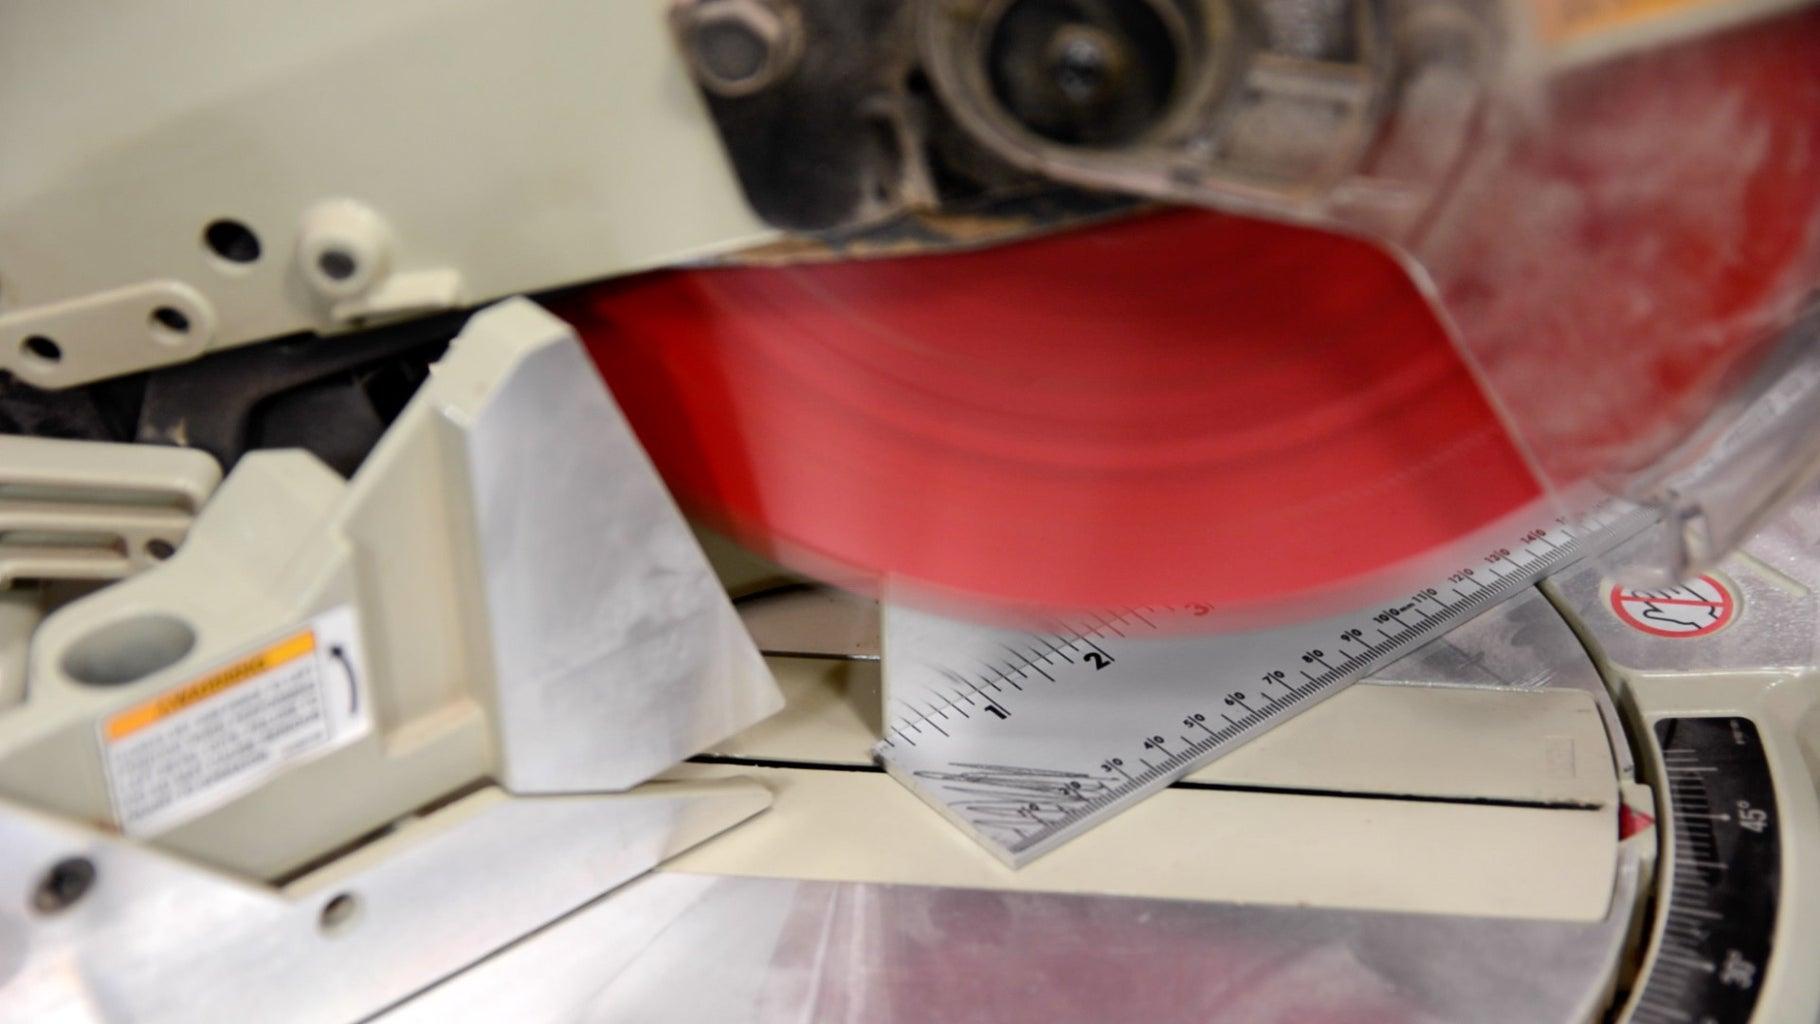 Step 10: Cut Aluminum Ruler